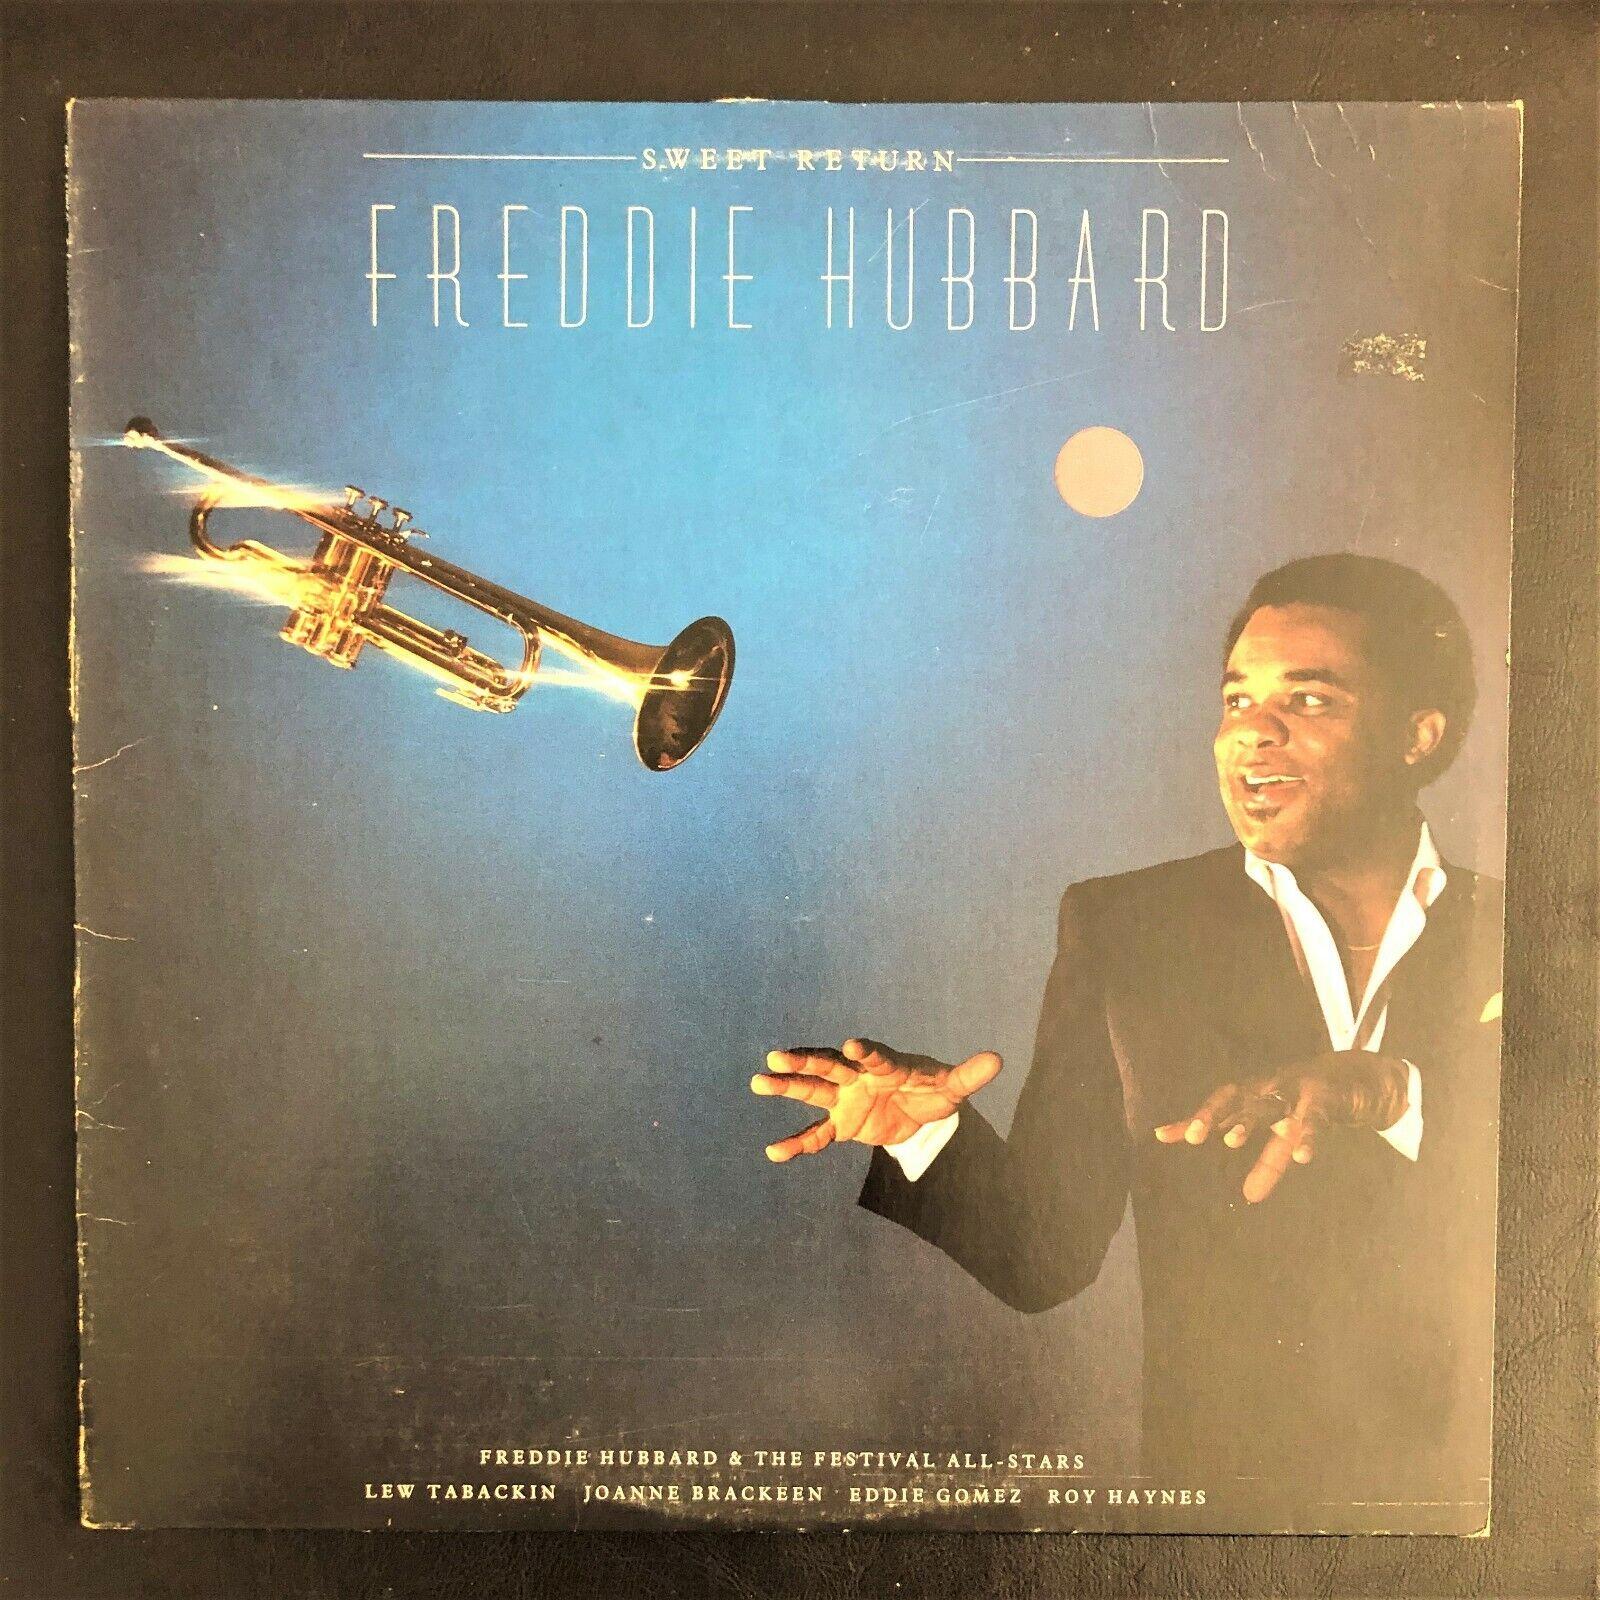 Freddie Hubbard Sweet Return 1983 Like New Vinyl LP - $11.99